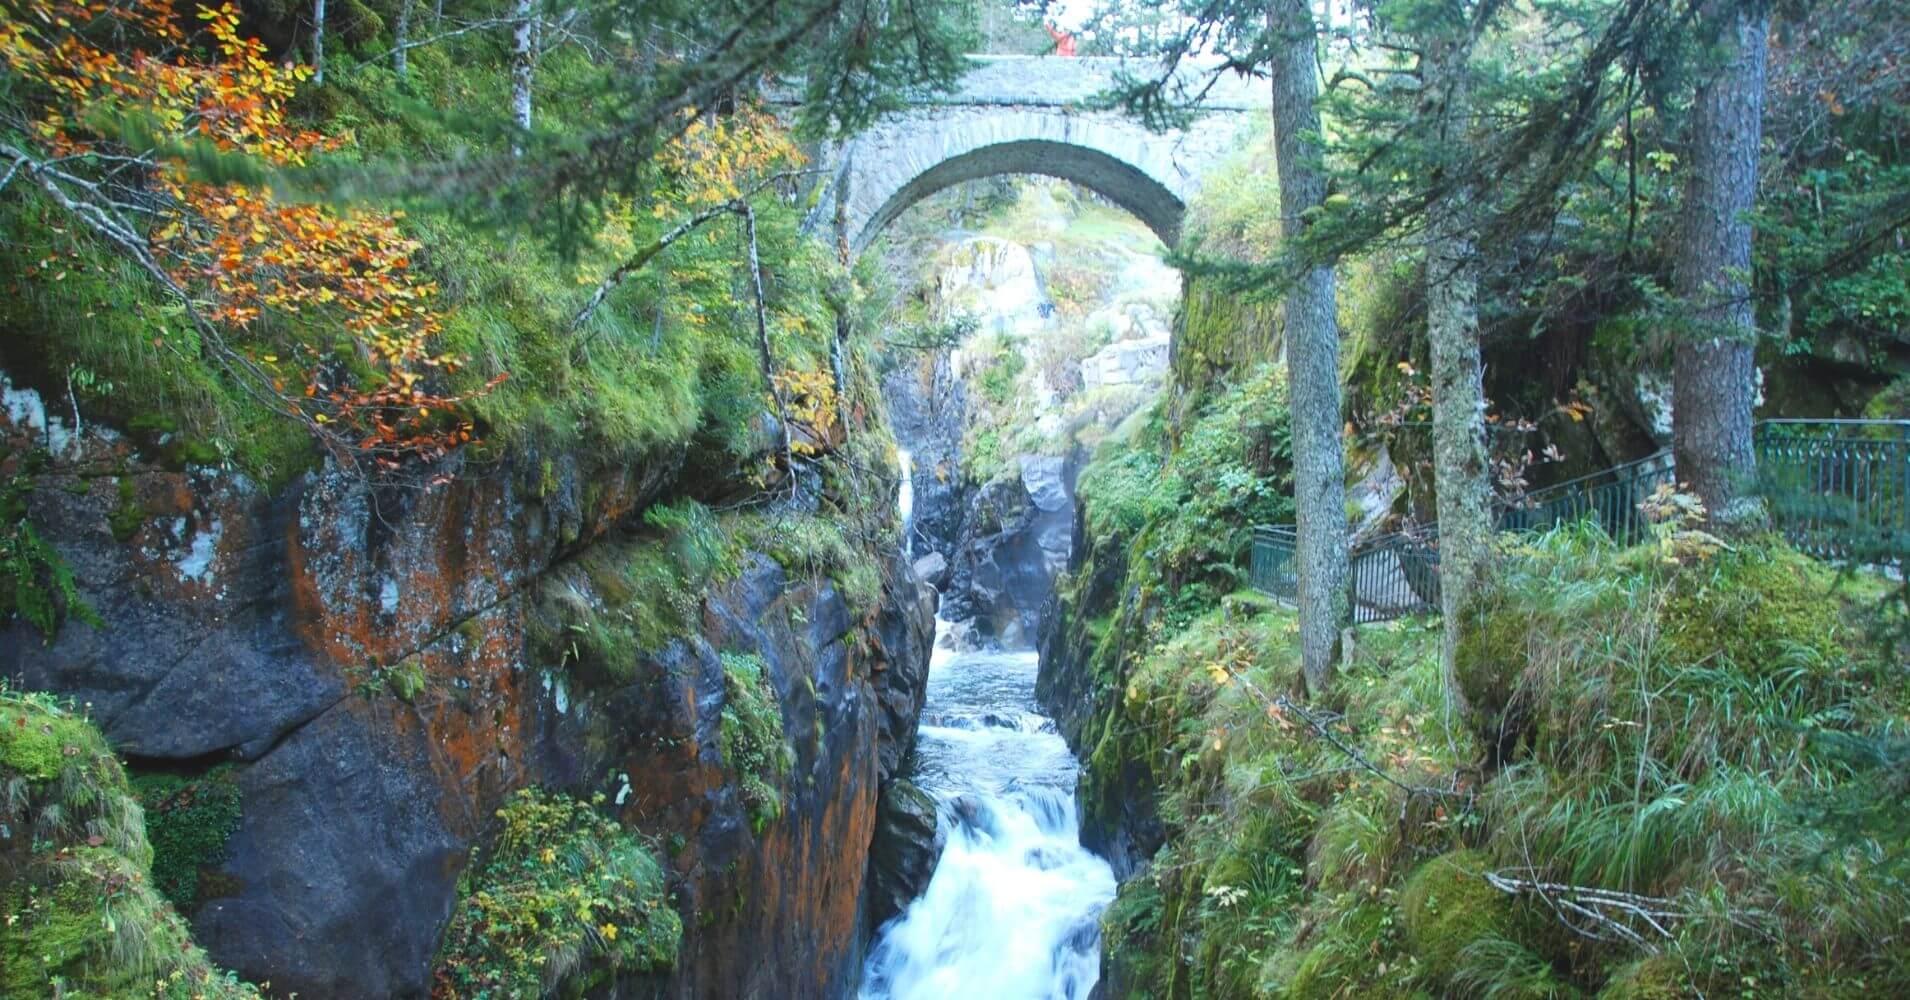 Parque Nacional de los Pirineos. Puente de España. Cauterets. Altos Pirineos. Occitania. Francia.